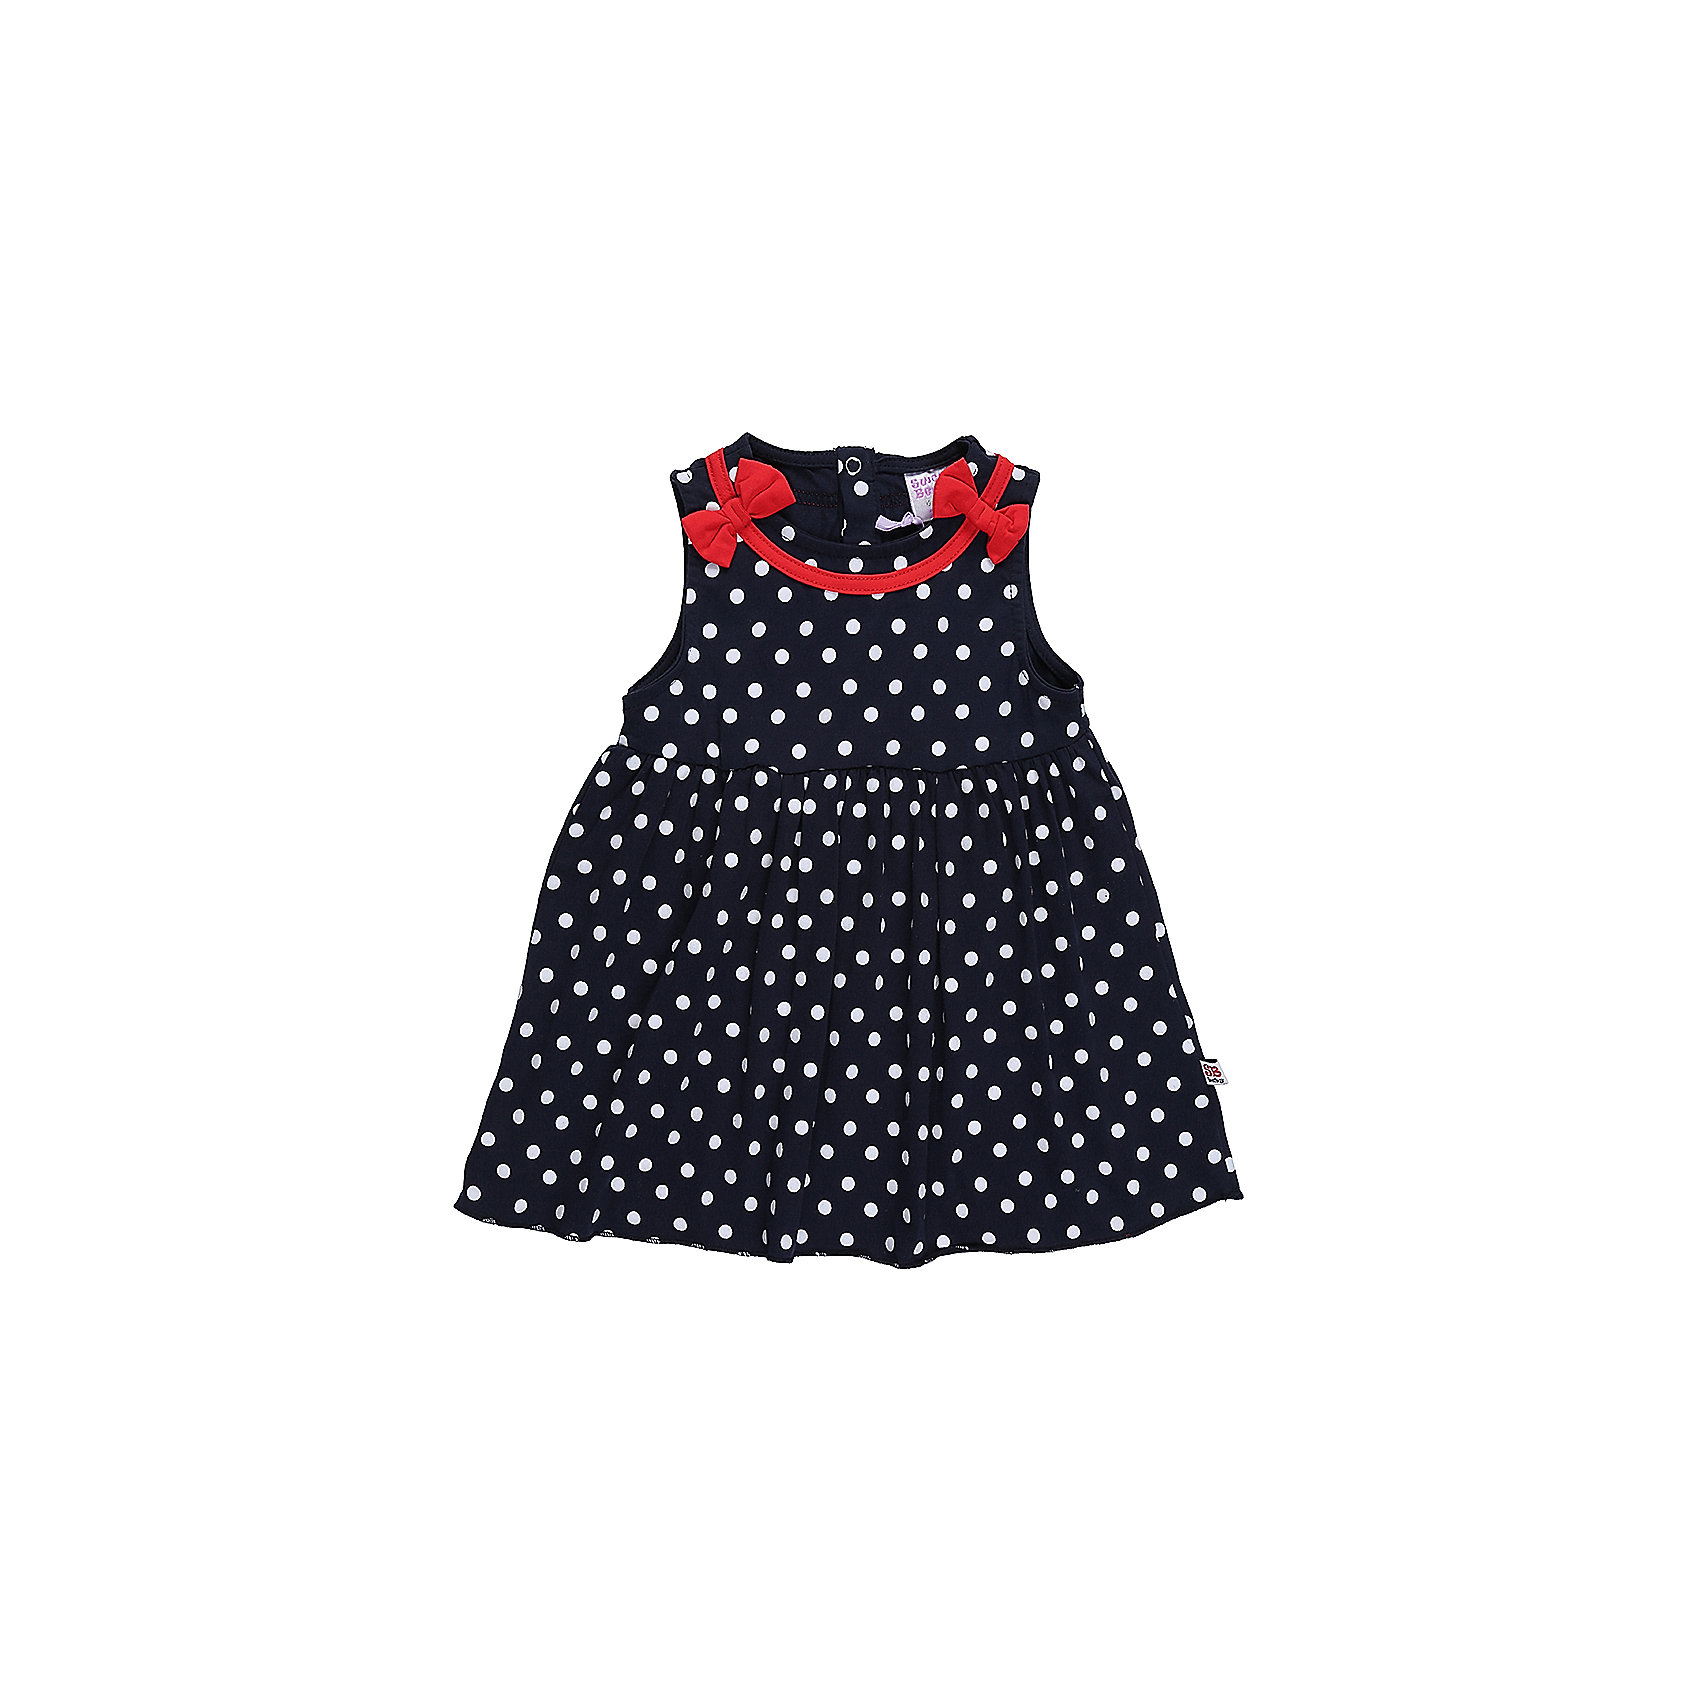 Платье для девочки Sweet BerryТрикотажное платье для девочки в белый горох. Талия завышена, кокетка декорирована красной бейкой и бантиками.<br>Состав:<br>95%хлопок 5%эластан<br><br>Ширина мм: 236<br>Глубина мм: 16<br>Высота мм: 184<br>Вес г: 177<br>Цвет: синий<br>Возраст от месяцев: 12<br>Возраст до месяцев: 15<br>Пол: Женский<br>Возраст: Детский<br>Размер: 80,86,92,98<br>SKU: 5411058